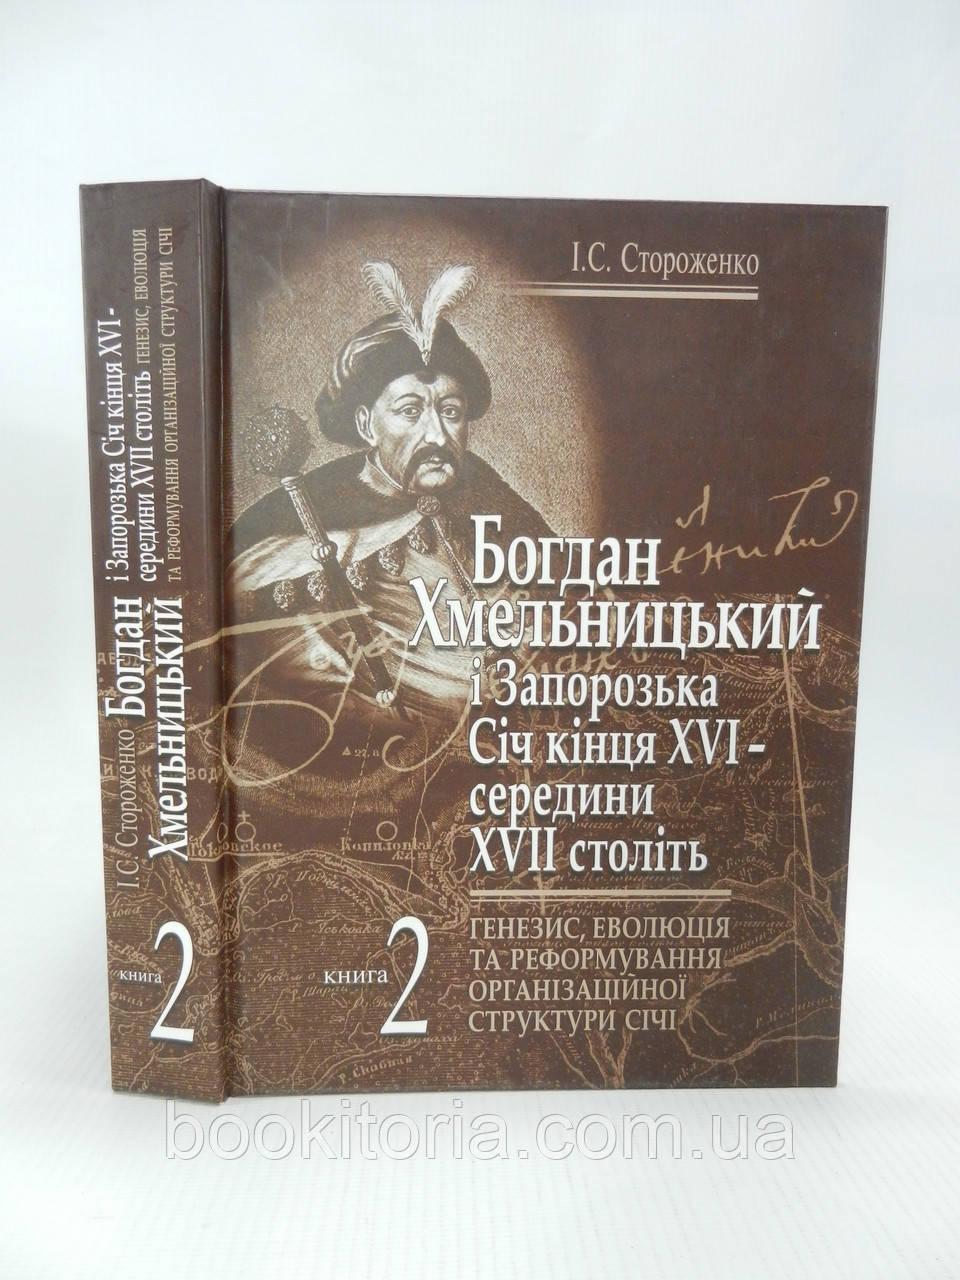 Стороженко І. Богдан Хмельницький і Запорозька Січ кінця XVI – середини XVII століть (б/у).